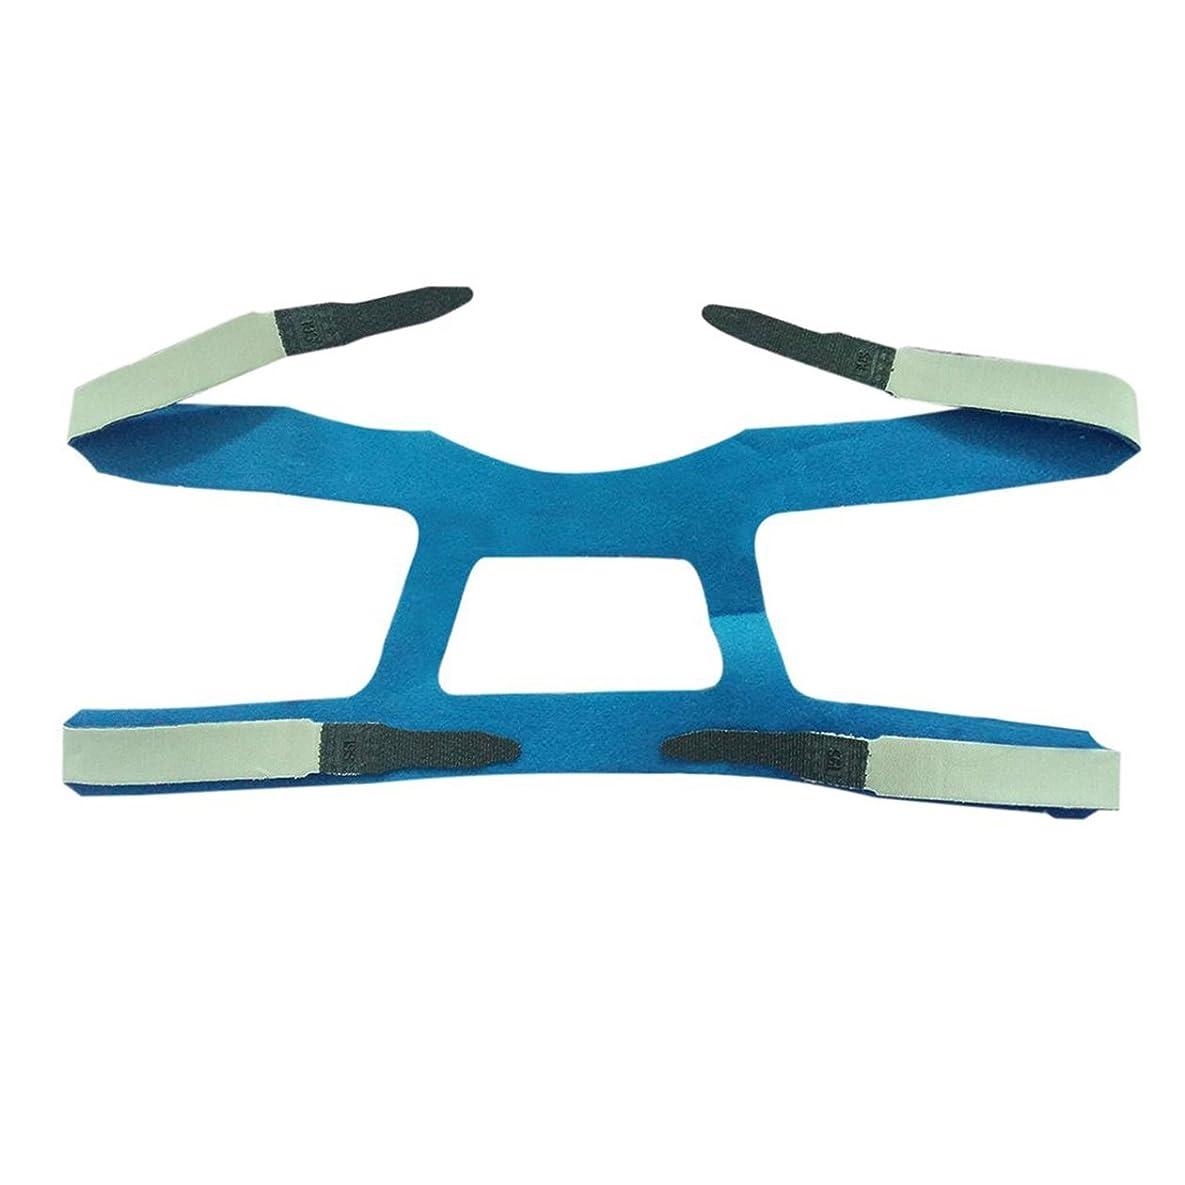 先生謎とらえどころのないユニバーサルデザインのヘッドギアコンフォートゲルフルマスク安全な環境交換CPAPヘッドバンドなしPHILPS